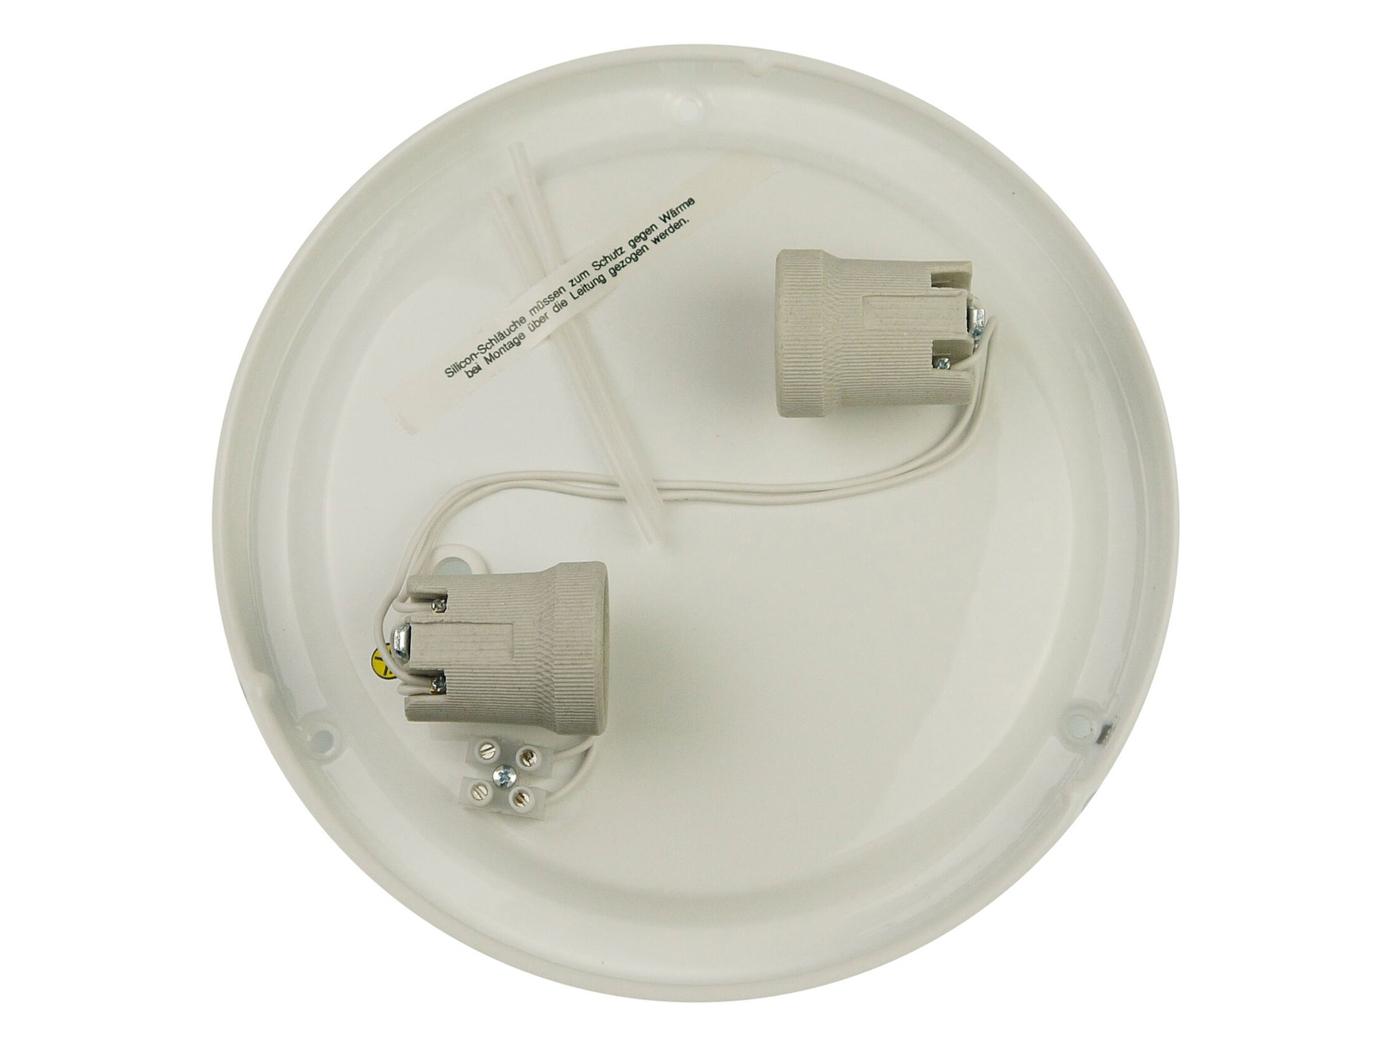 LED-Deckenleuchte-rund-40cm-Alabaster-Nickel-matt-LED-Wandleuchte-dimmbar